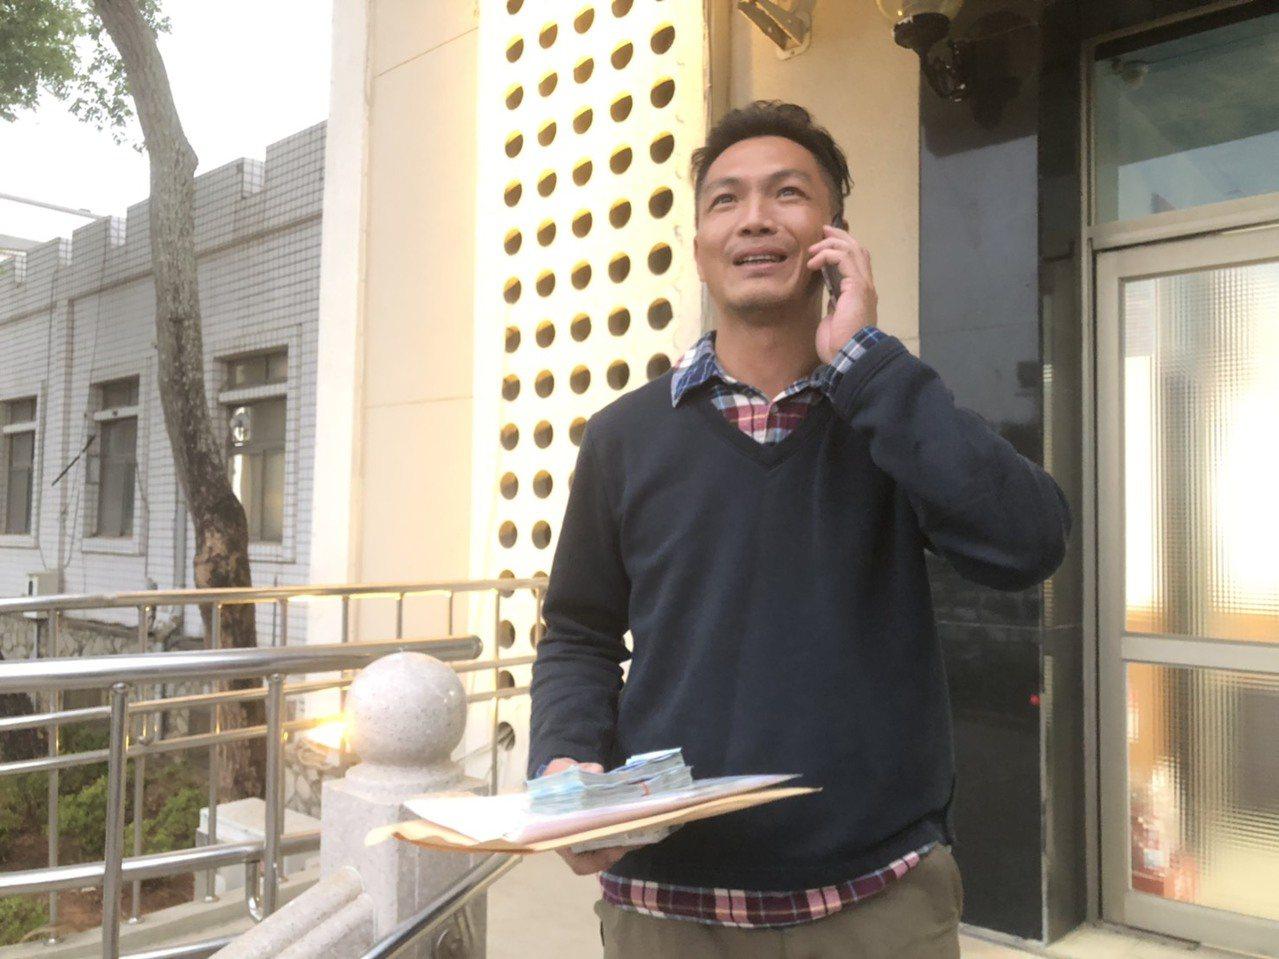 國民黨籍議員李應文原本要登記,但因為太座頻頻來電,臨時取消。記者蔡家蓁/攝影